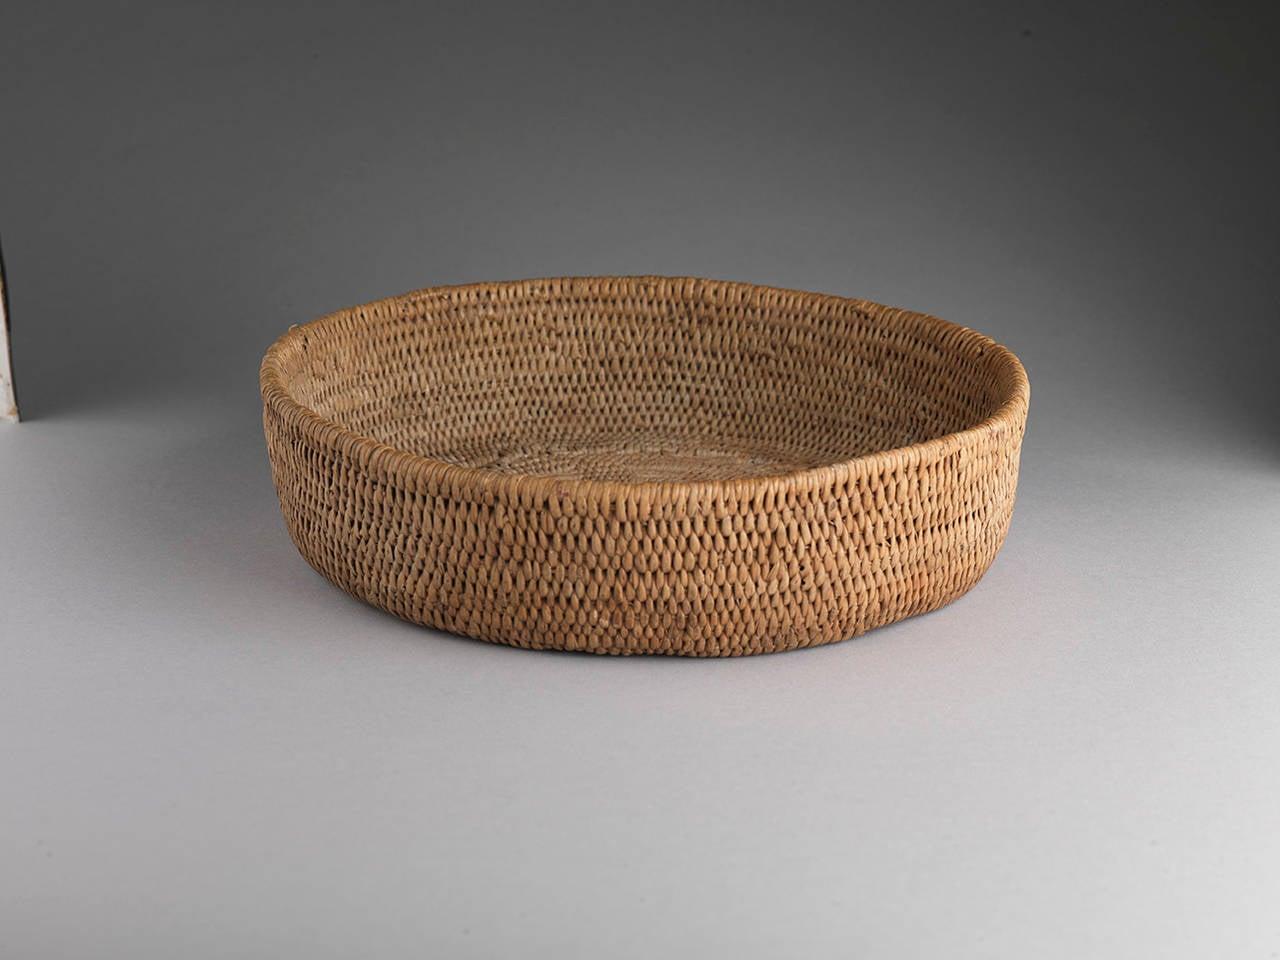 Woven Basket Art : Exemplary folk art woven basket at stdibs